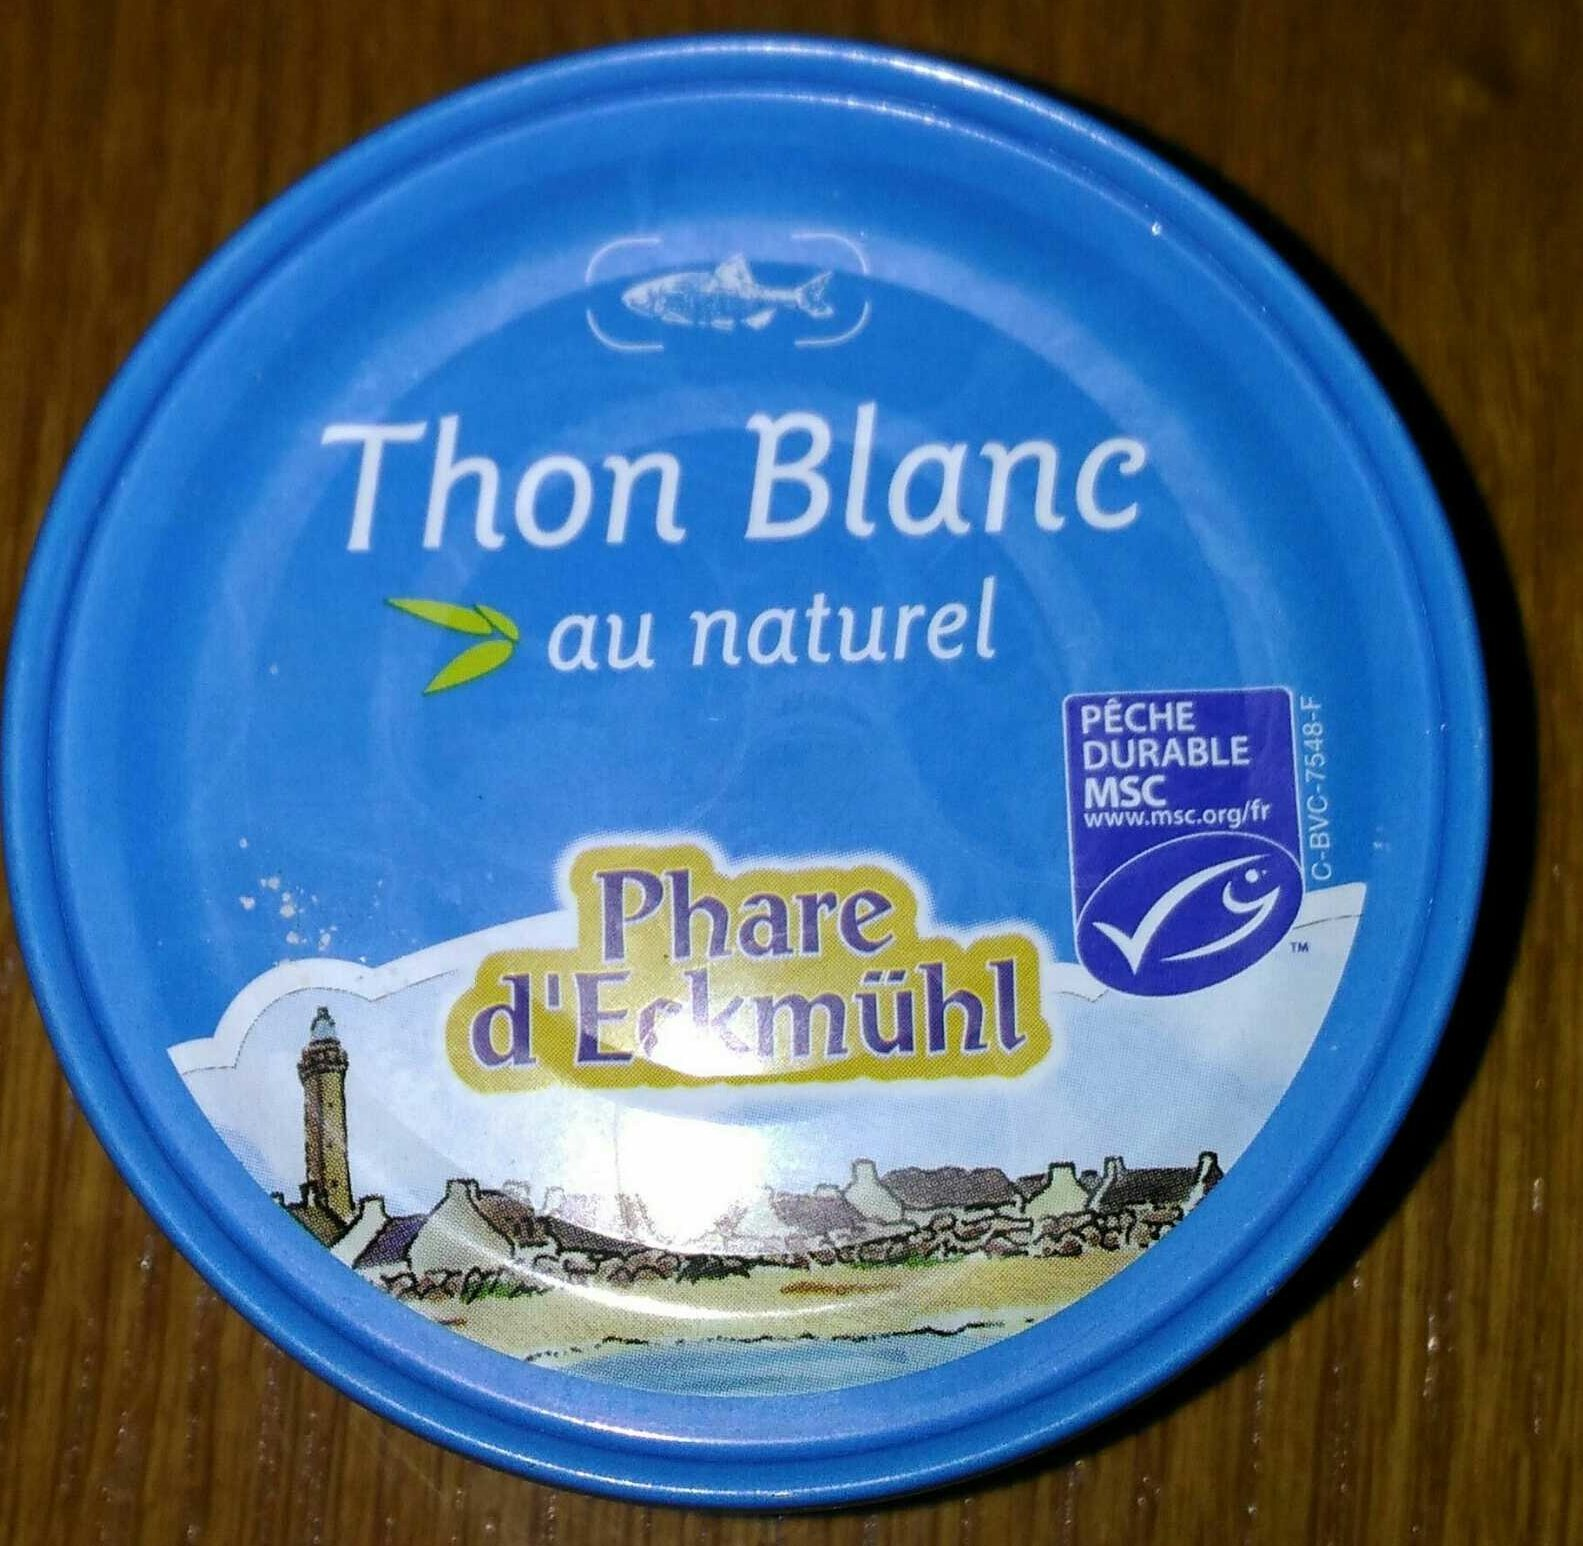 Thon blanc pêché a la ligne au naturel - Product - fr